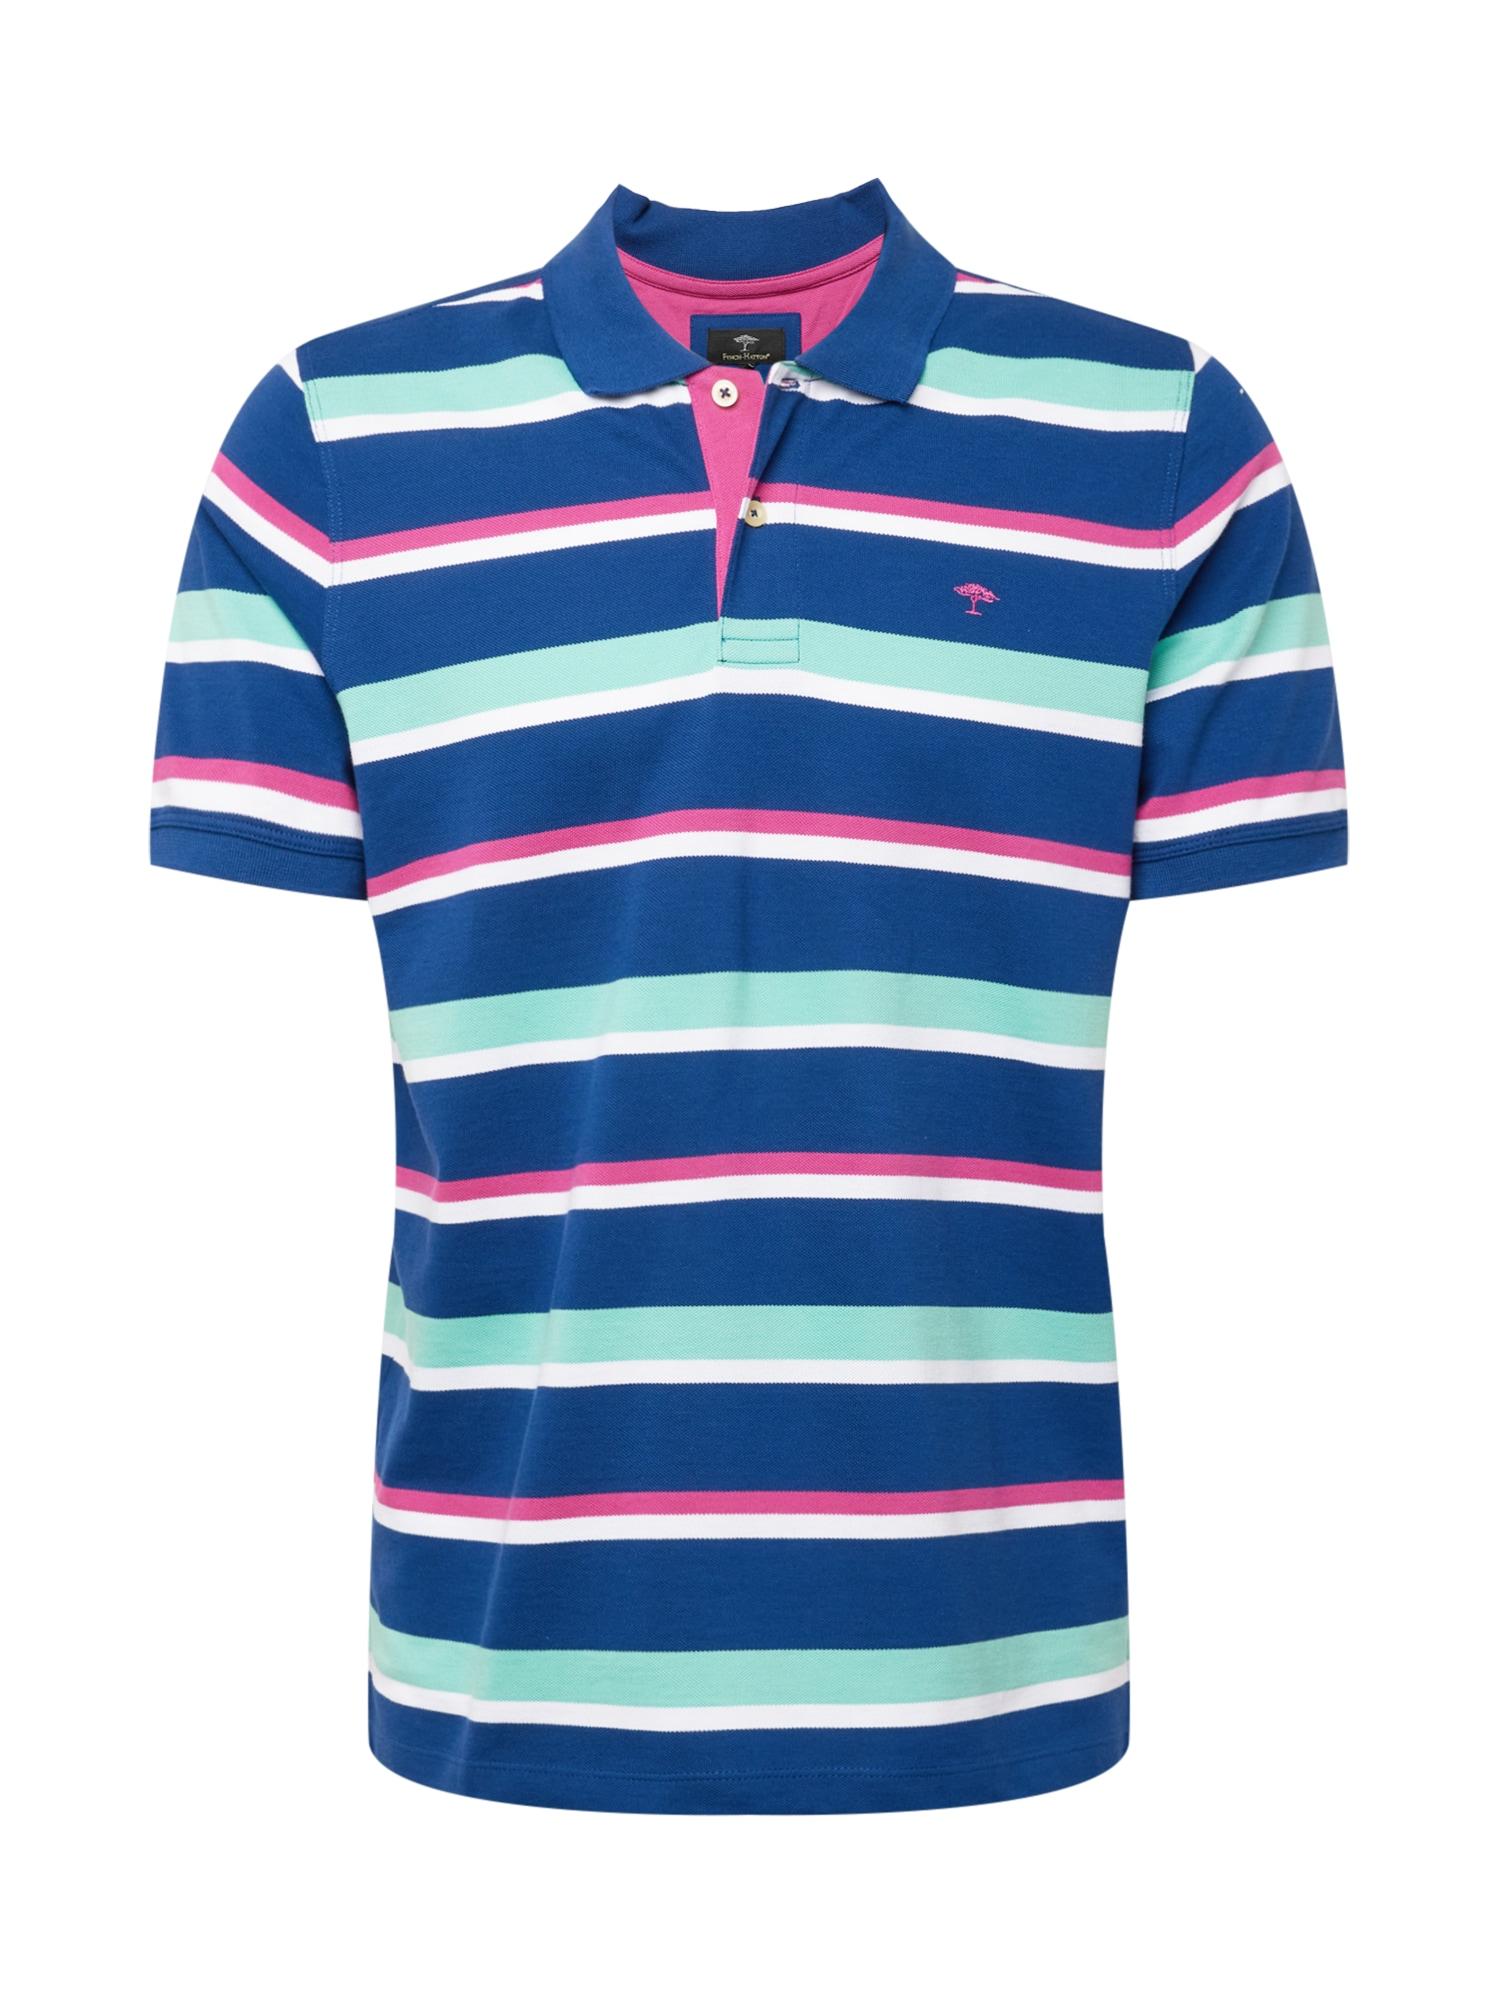 FYNCH-HATTON Marškinėliai tamsiai mėlyna / azuro spalva / rožinė / balta